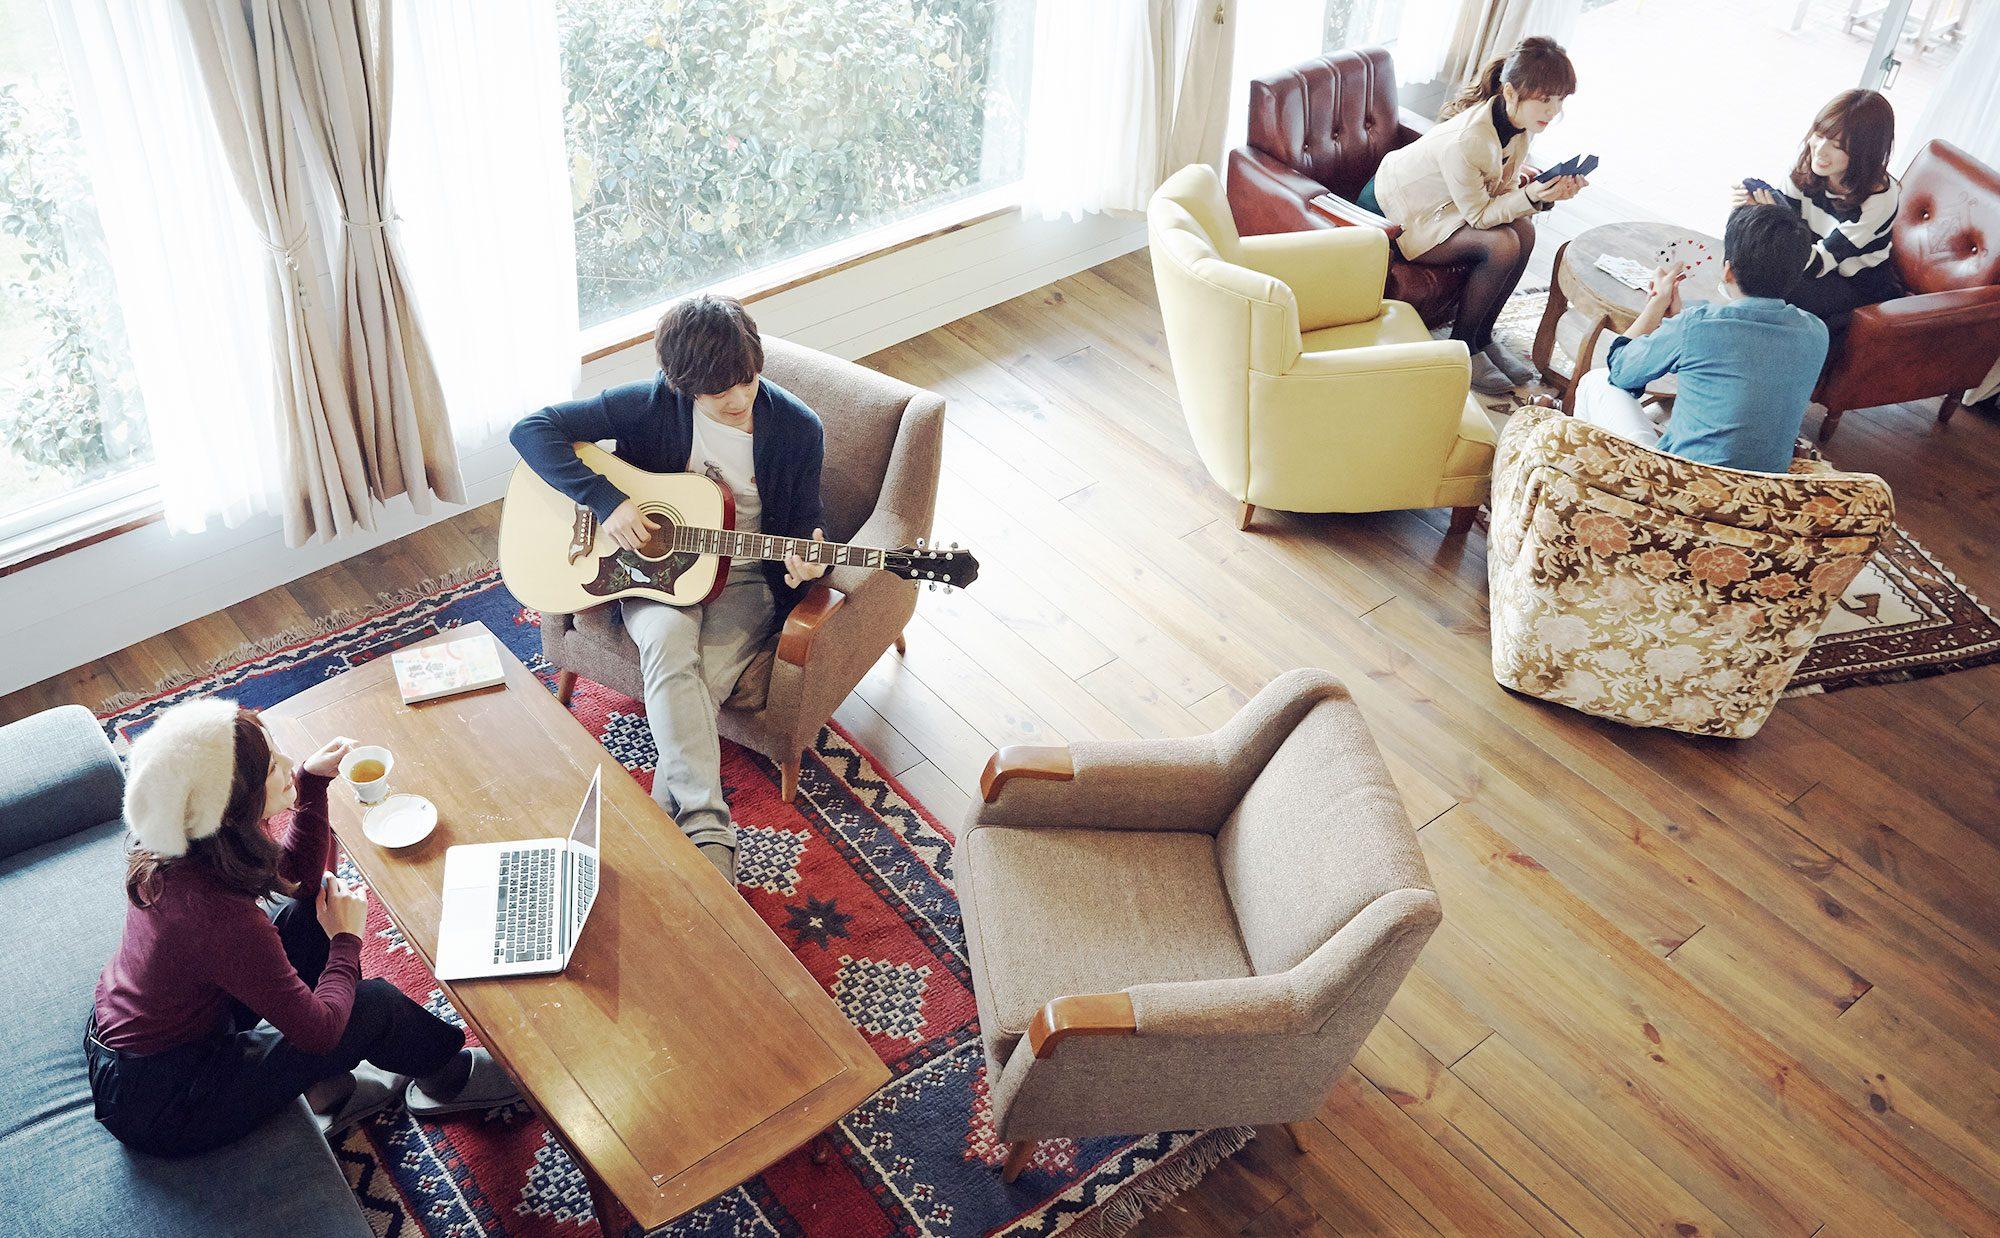 人の価値観に触れる。大都会の渋谷でシェアハウス暮らし